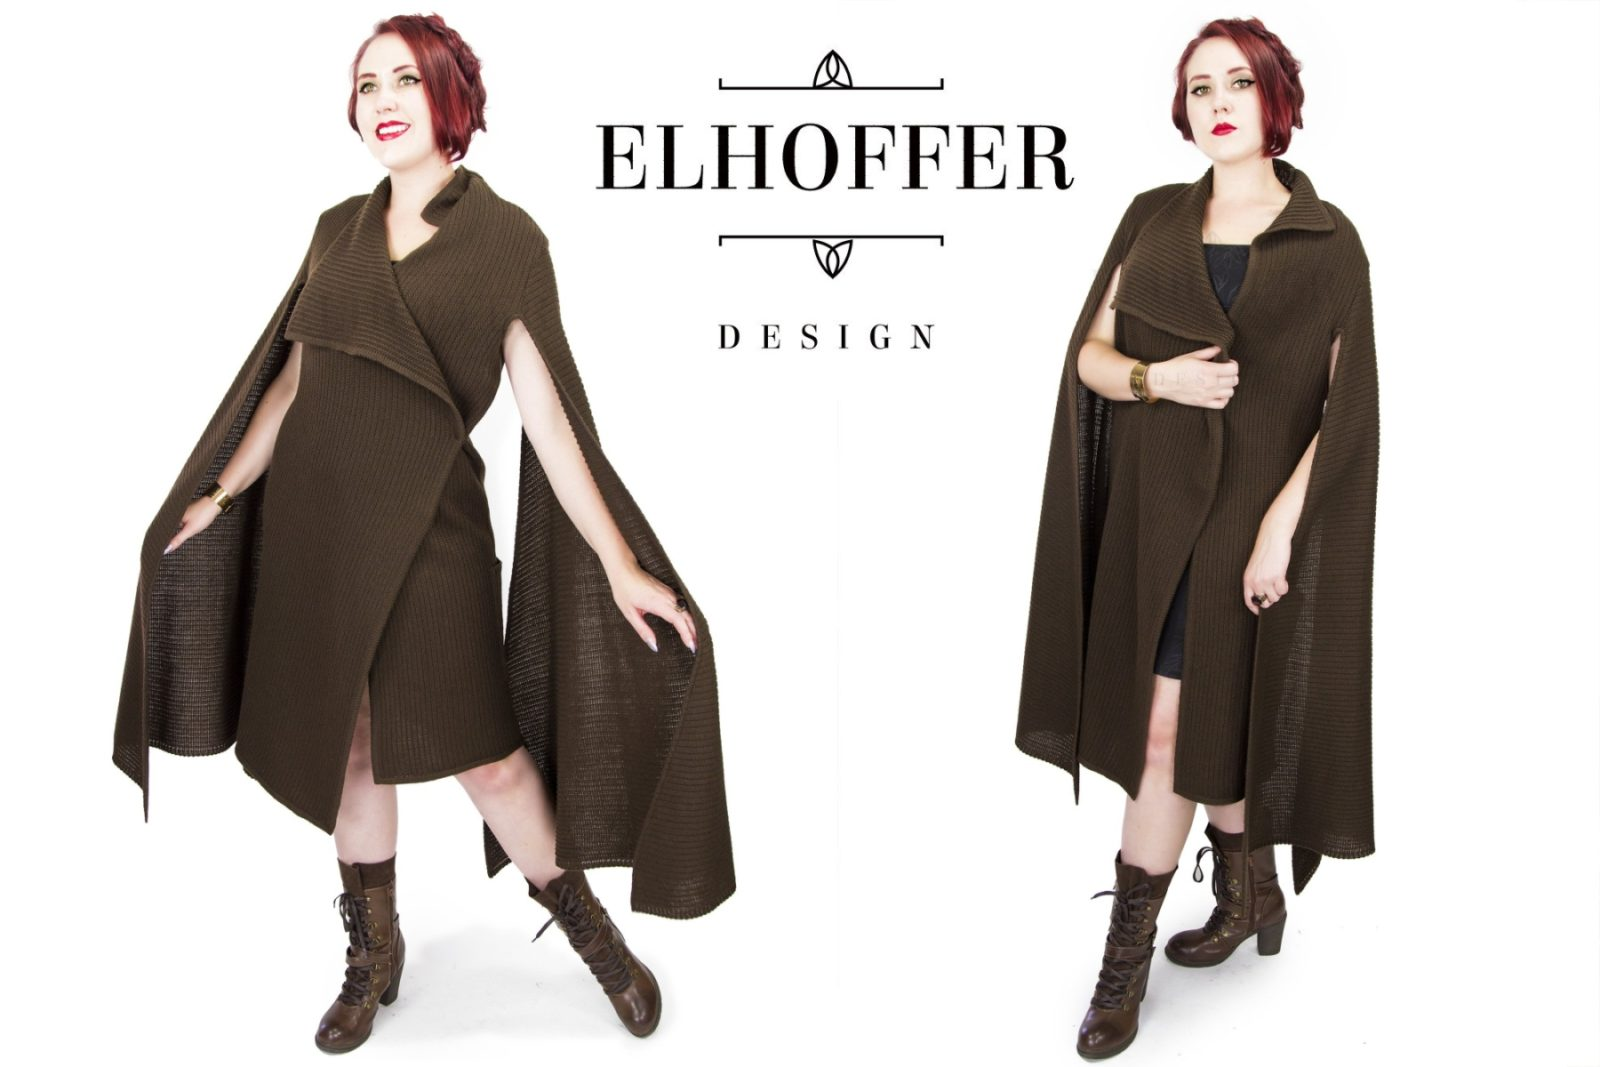 General Leia Organa Cardigan by Elhoffer Design